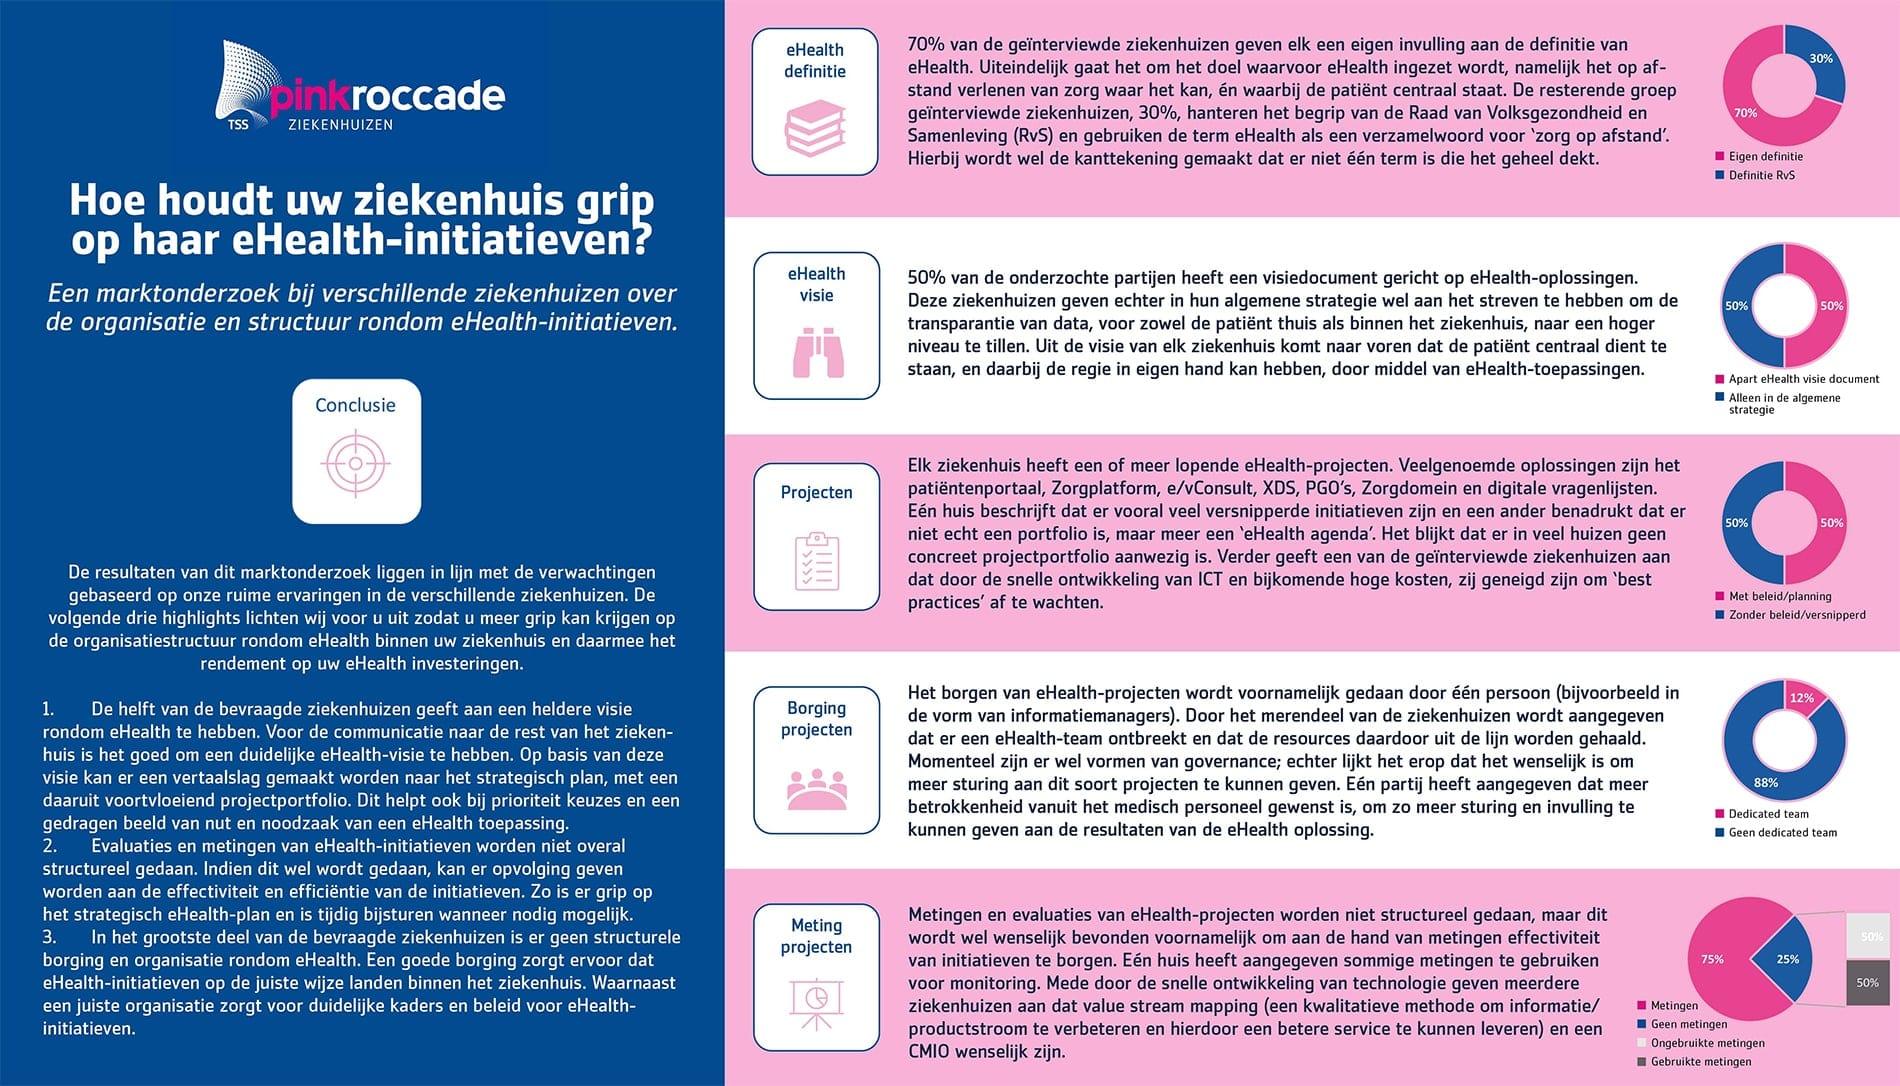 eHealth marktonderzoek door PinkRoccade Ziekenhuizen